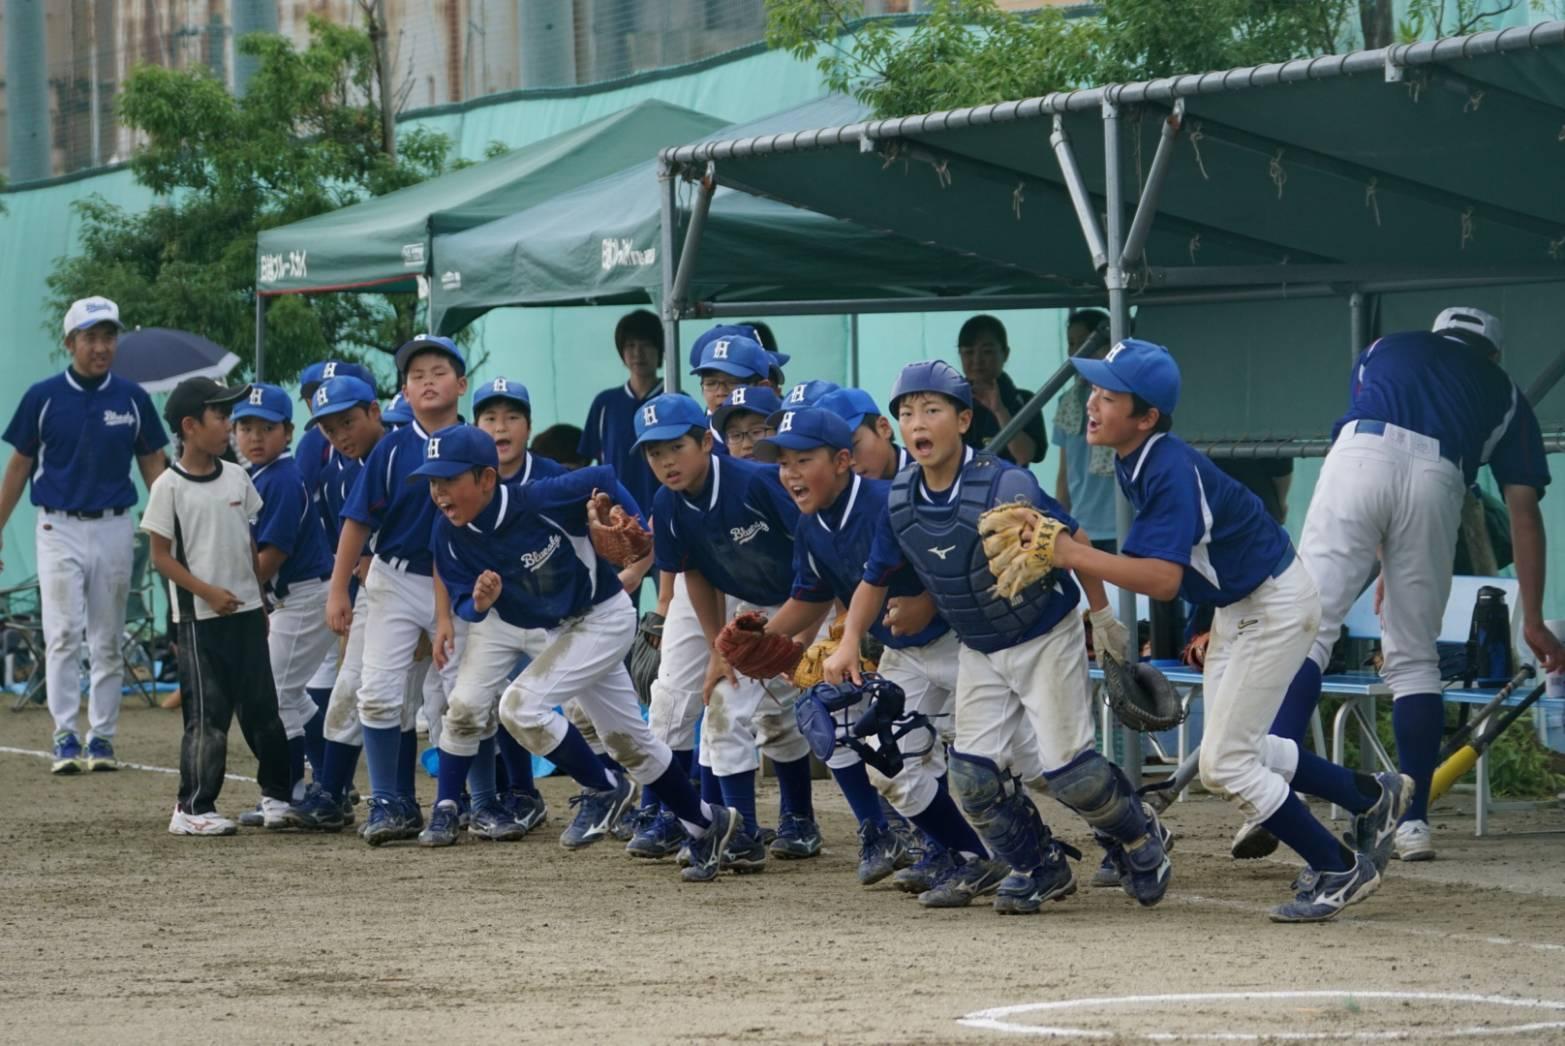 6月29日練習試合結果です!vs信江スポーツ少年団さん_b0095176_08351900.jpeg